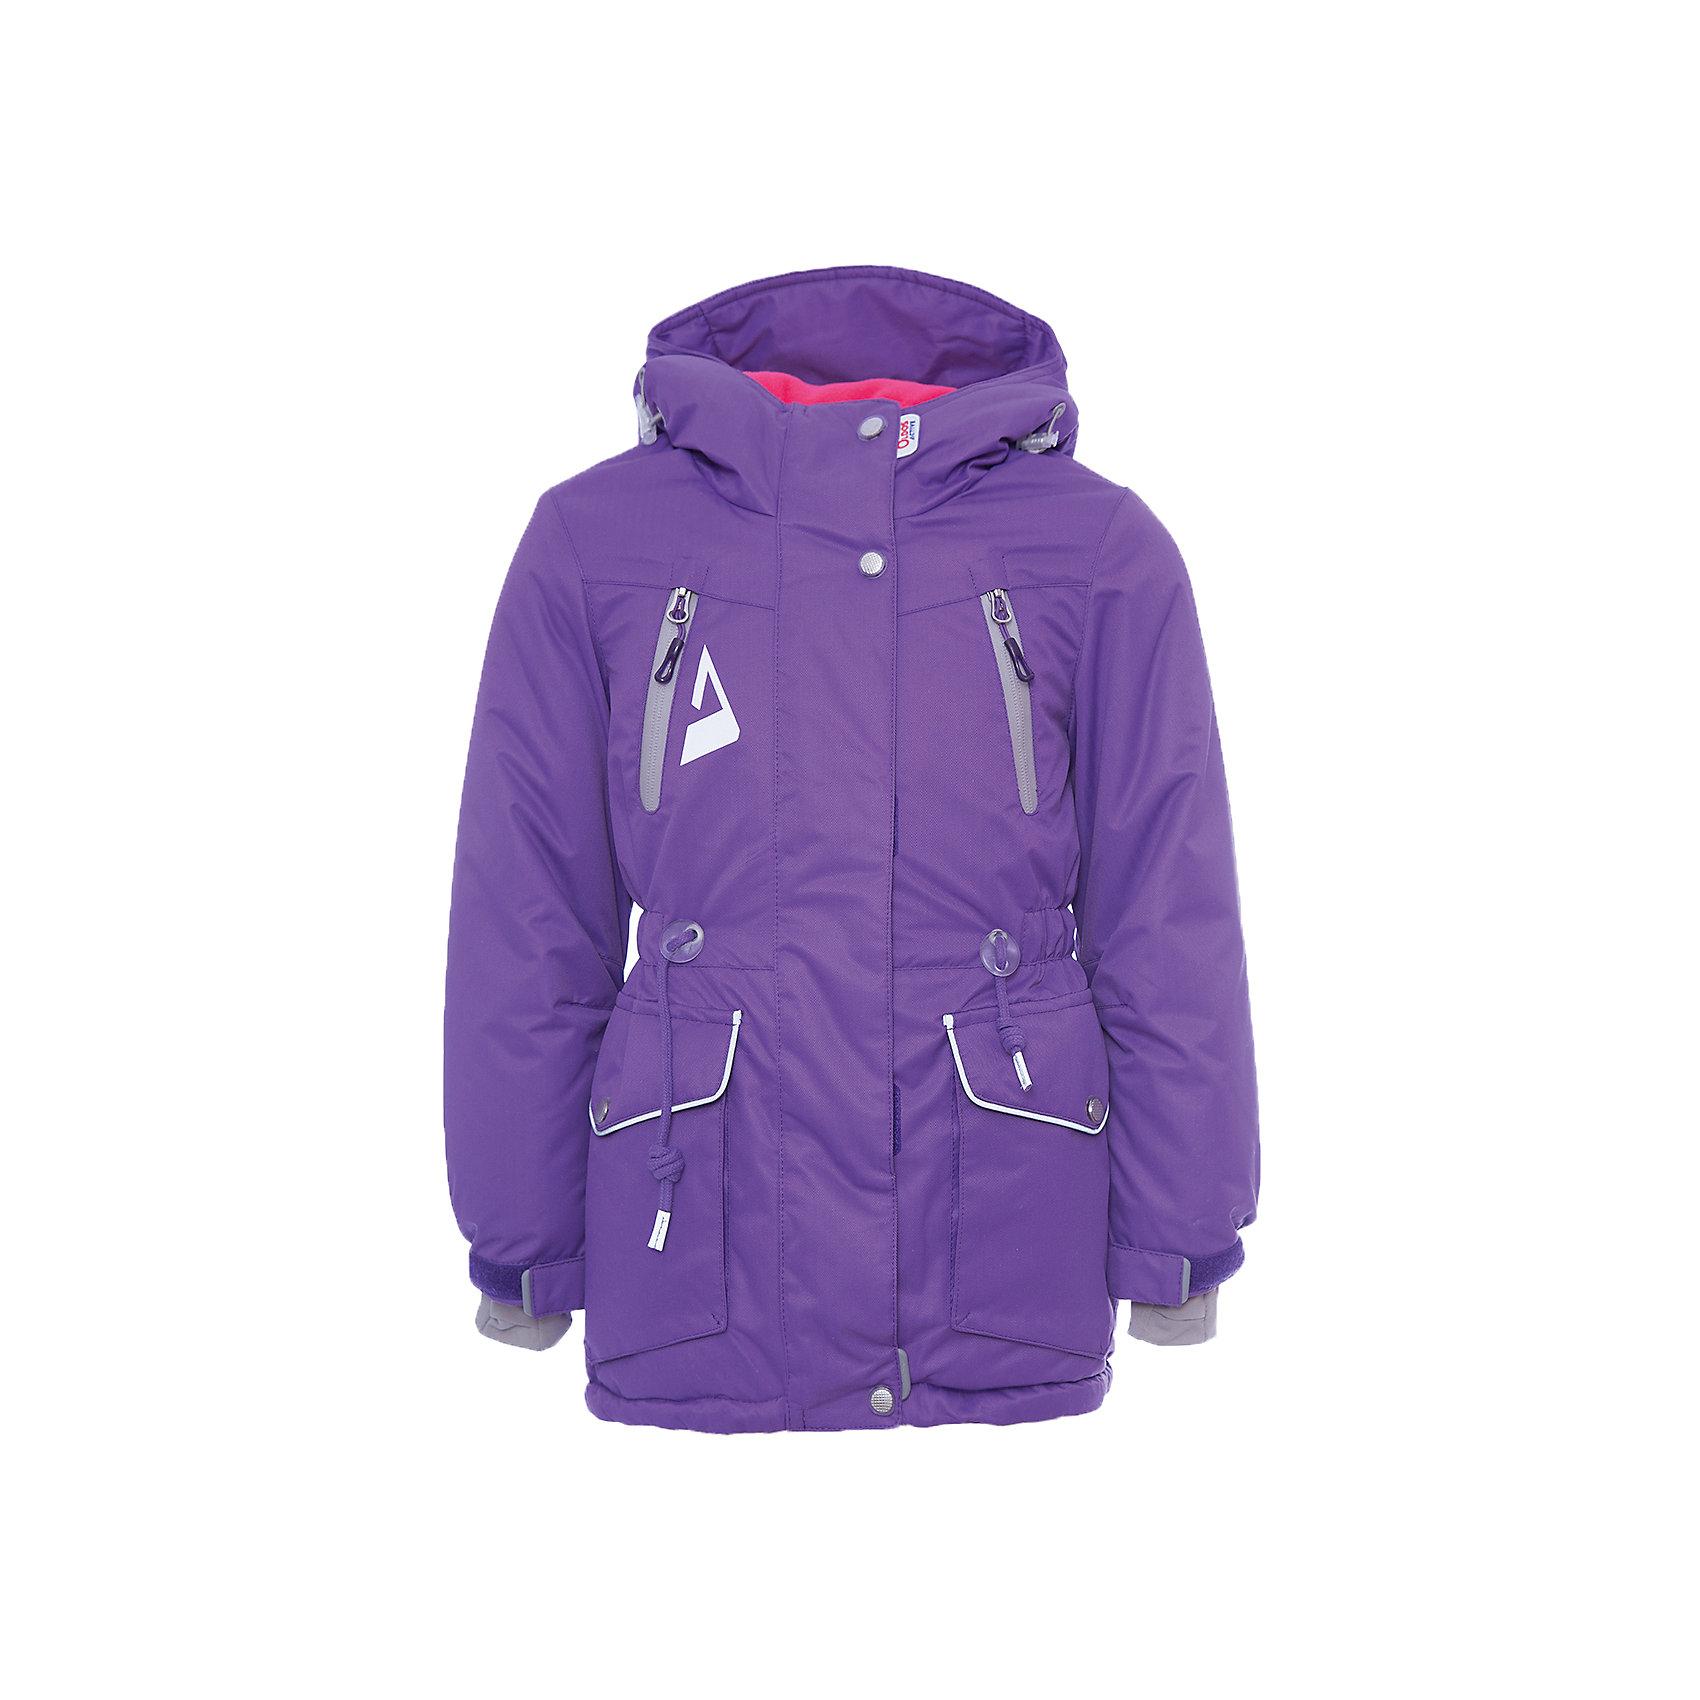 Куртка Киара OLDOS для девочкиВерхняя одежда<br>Характеристики товара:<br><br>• цвет: фиолетовый<br>• состав ткани: полиэстер, Teflon<br>• подкладка: флис<br>• утеплитель: Hollofan pro<br>• сезон: зима<br>• мембранное покрытие<br>• температурный режим: от -30 до +5<br>• водонепроницаемость: 5000 мм <br>• паропроницаемость: 5000 г/м2<br>• плотность утеплителя: 200 г/м2<br>• застежка: молния<br>• капюшон: без меха<br>• страна бренда: Россия<br>• страна изготовитель: Россия<br><br>Утепленная зимняя куртка создана с применением мембранной технологии. Непромокаемый и непродуваемый верх детской куртки создает комфортный для ребенка режим терморегуляции. Мембранная зимняя куртка для ребенка отличается продуманным дизайном. Талия и низ куртки регулируются по ширине. <br><br>Куртку Киара Oldos (Олдос) для девочки можно купить в нашем интернет-магазине.<br><br>Ширина мм: 356<br>Глубина мм: 10<br>Высота мм: 245<br>Вес г: 519<br>Цвет: лиловый<br>Возраст от месяцев: 144<br>Возраст до месяцев: 156<br>Пол: Женский<br>Возраст: Детский<br>Размер: 158,104,110,116,122,128,134,140,146,152<br>SKU: 7015738